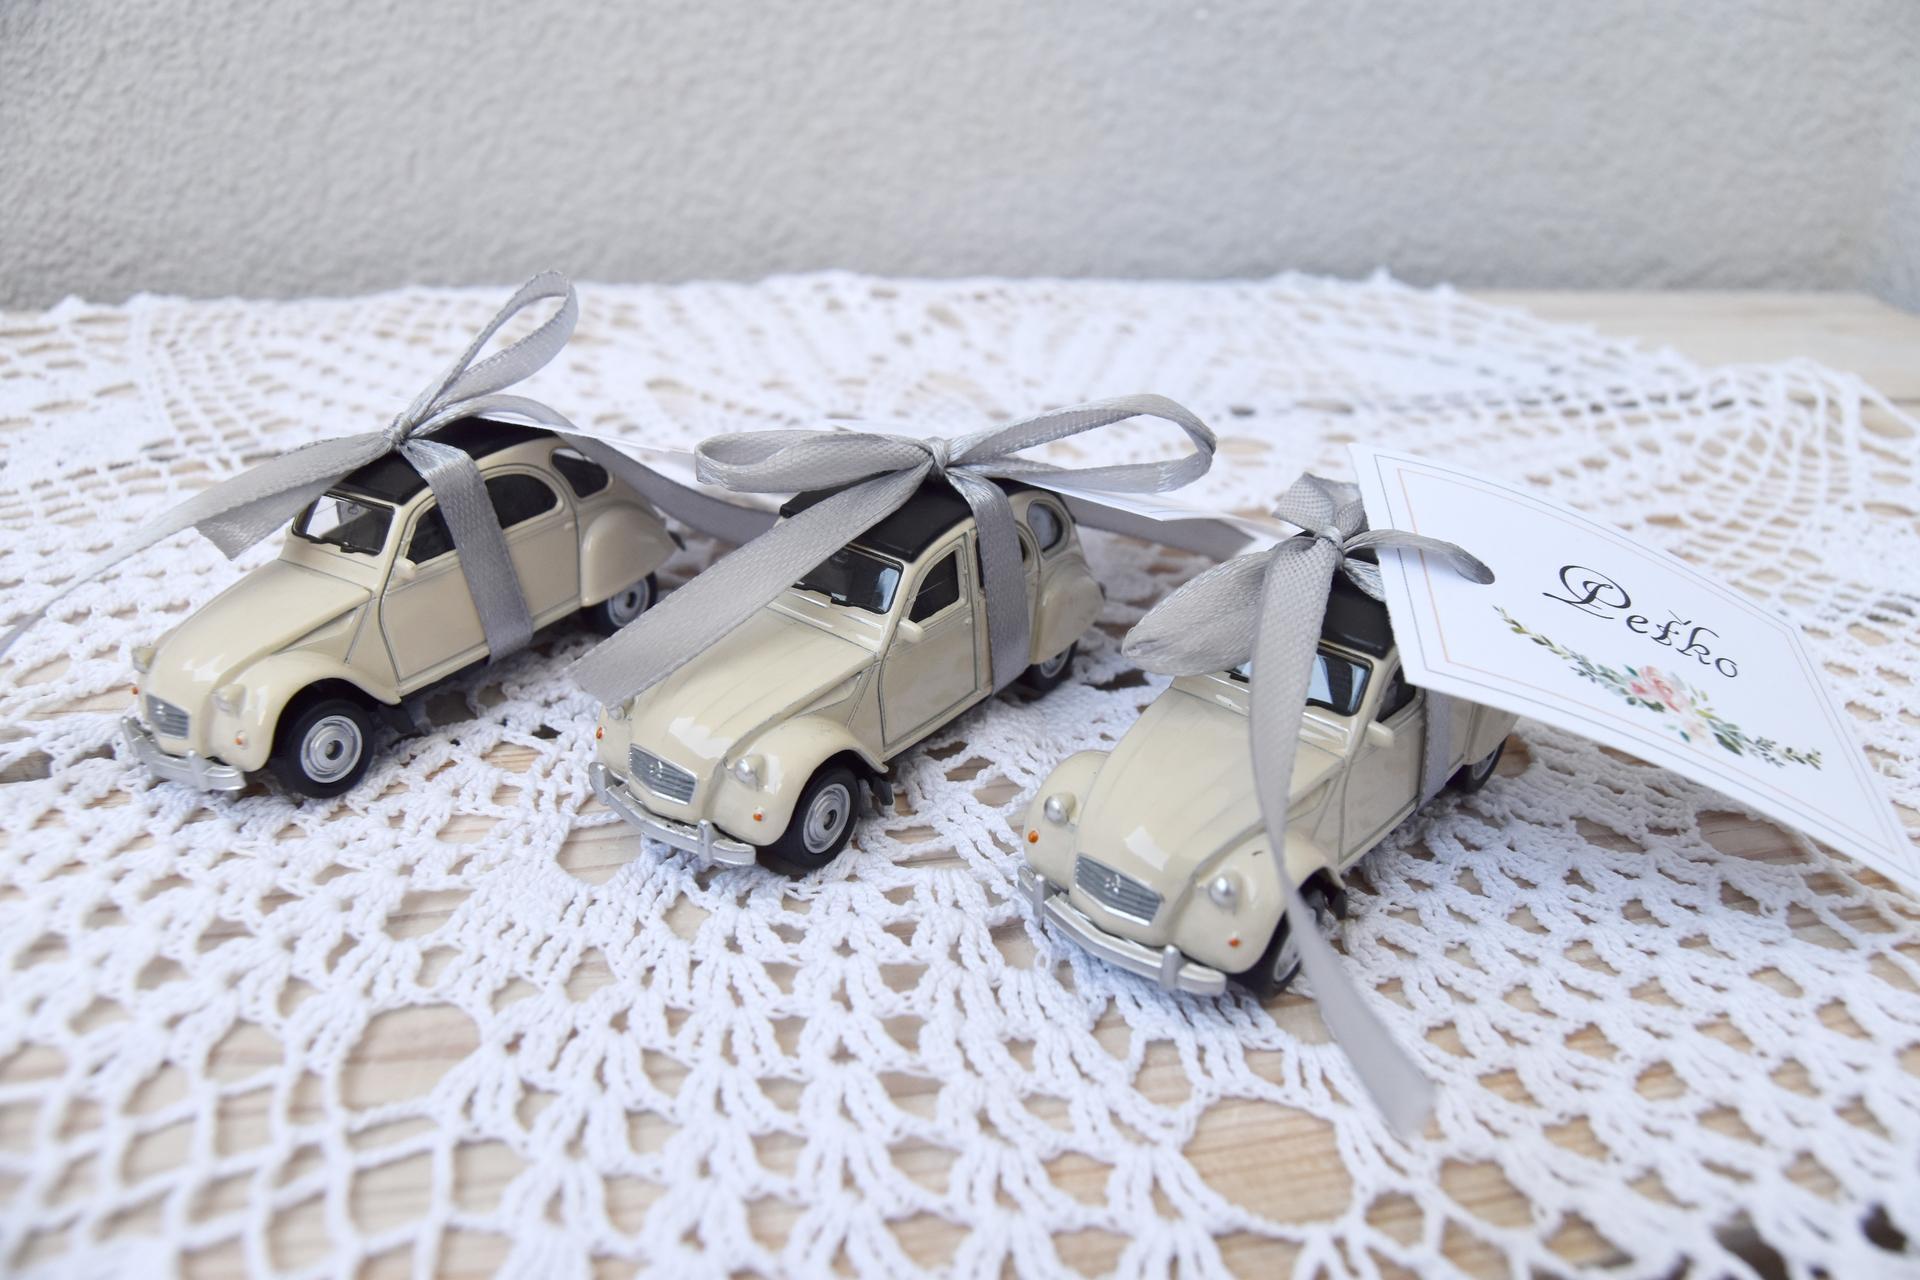 Wedding Time - darčeky pre najmenších chlapcov :) dúfam, že sa im budú autíčka páčiť tak veľmi ako mne ♥  jedno som si nechala aj ja pre seba :) milujem tieto staré autíčka :)